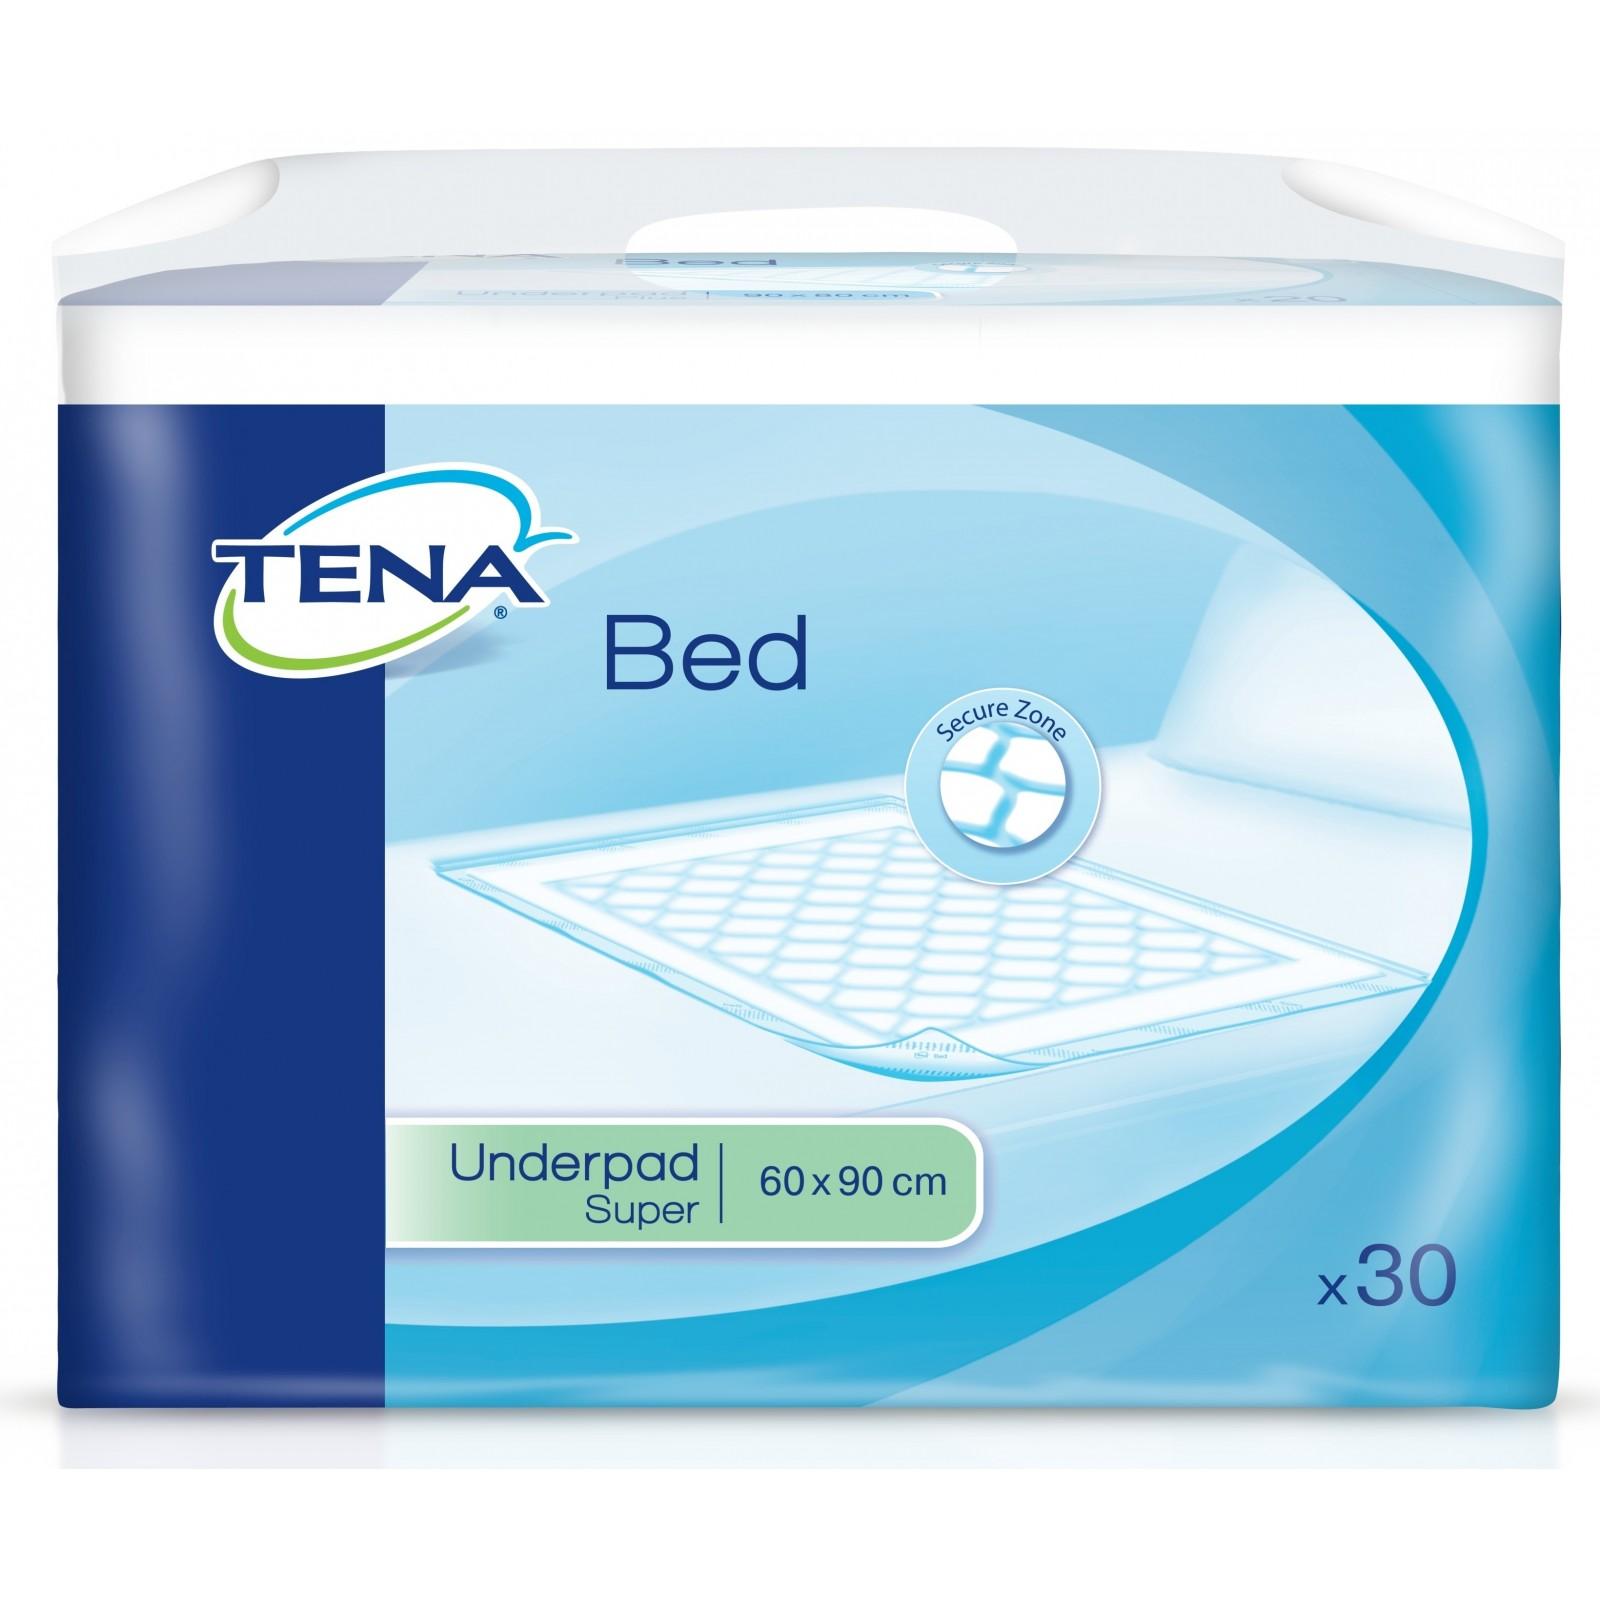 Tena Bed Super 60 x 90 cm| SenUp.com